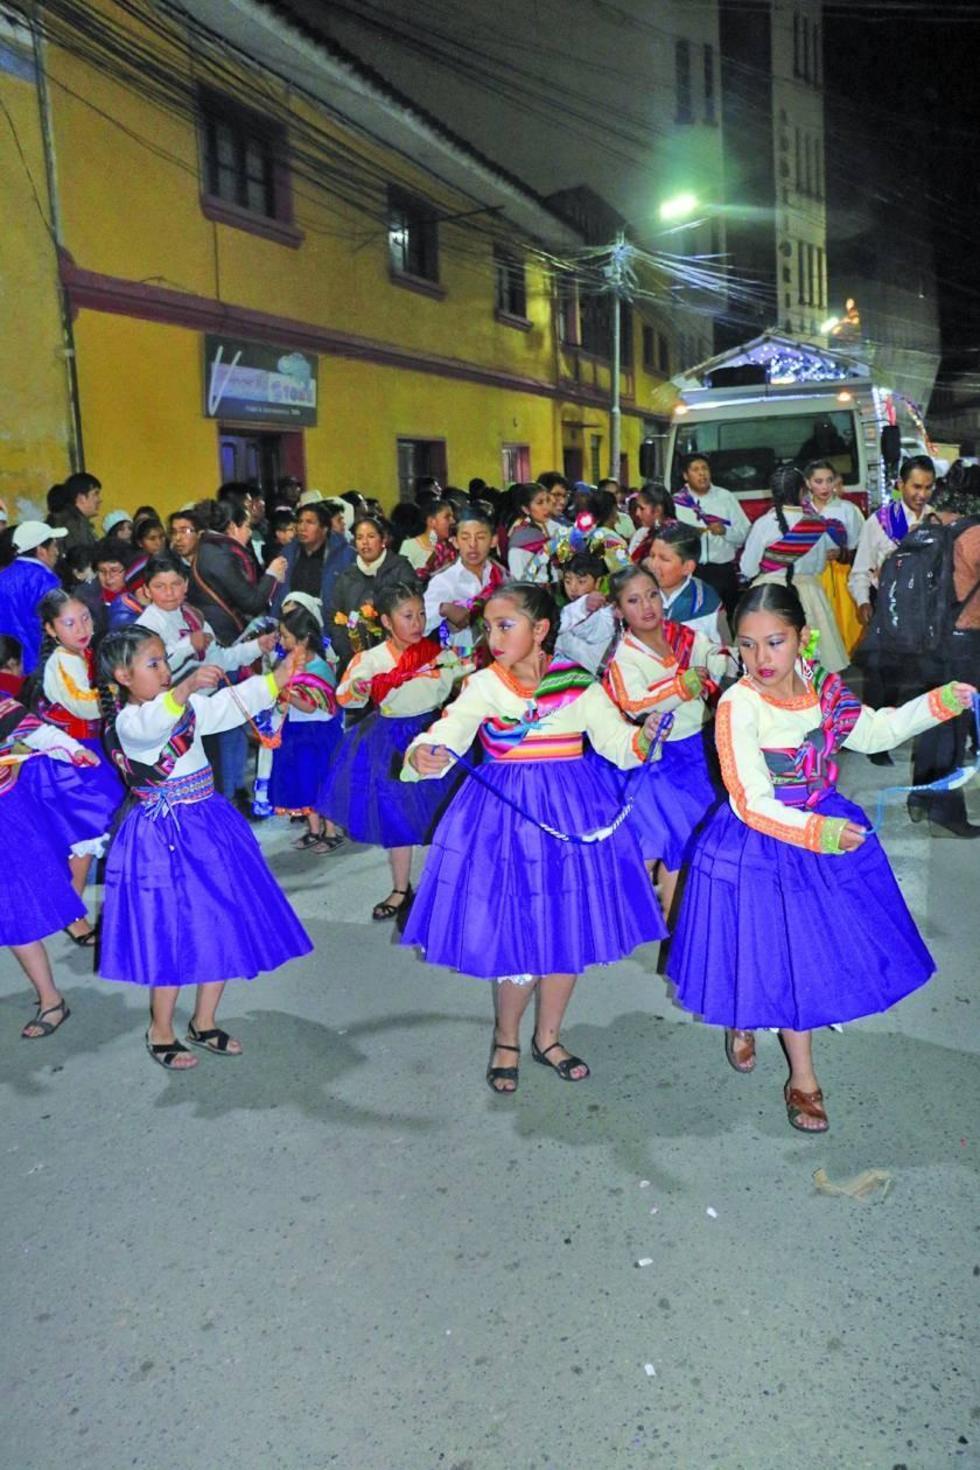 Las pastorcitas bailaron con alegría.